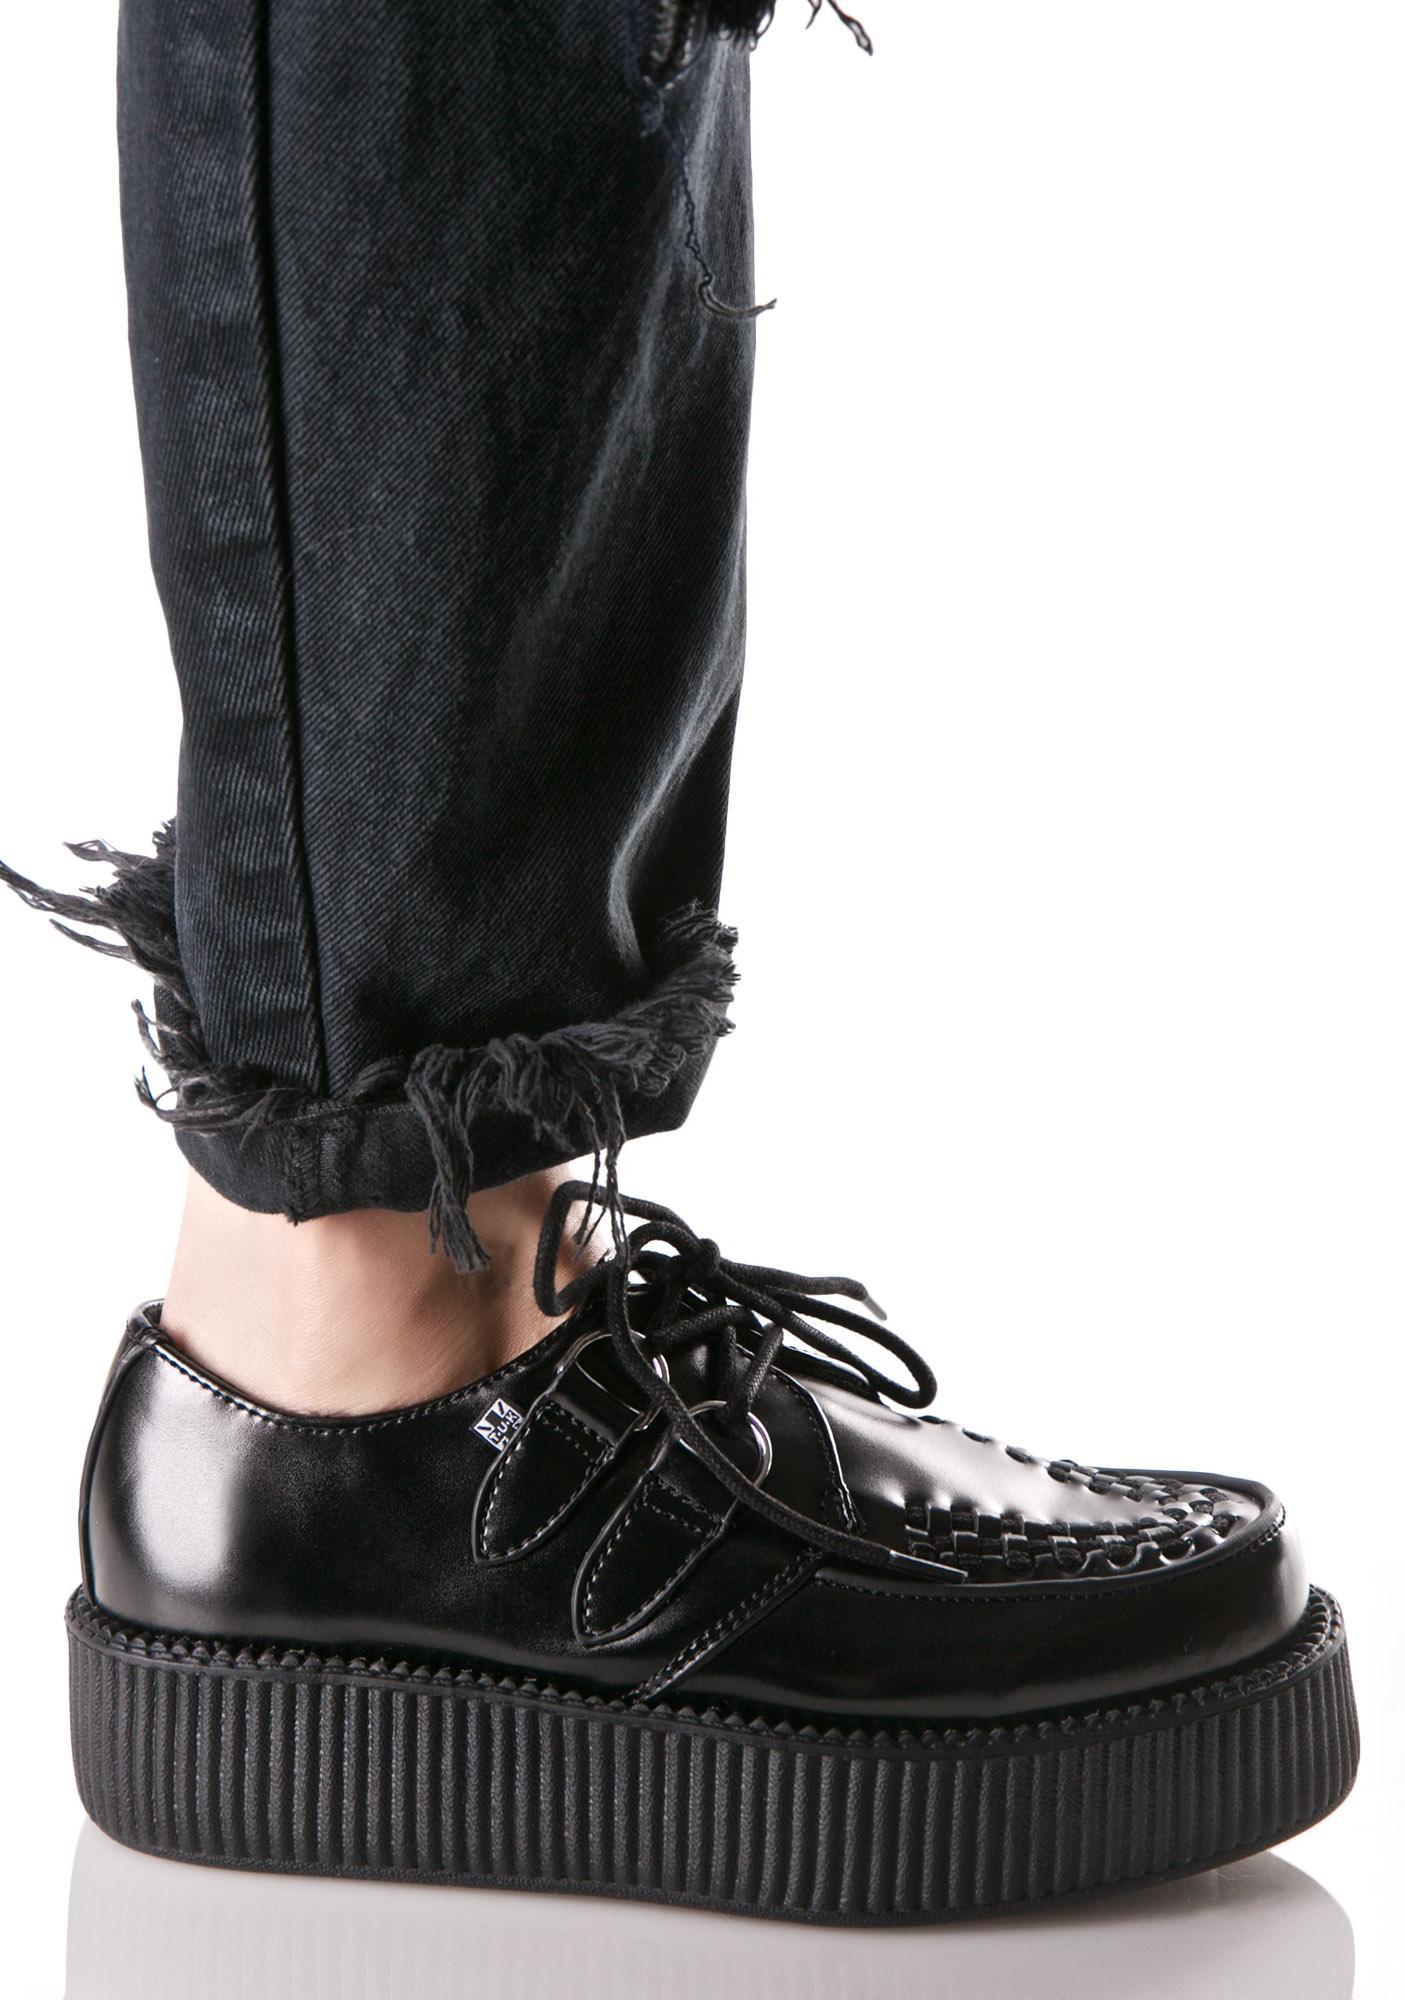 T.U.K. Black Leather Viva Mondo Creepers